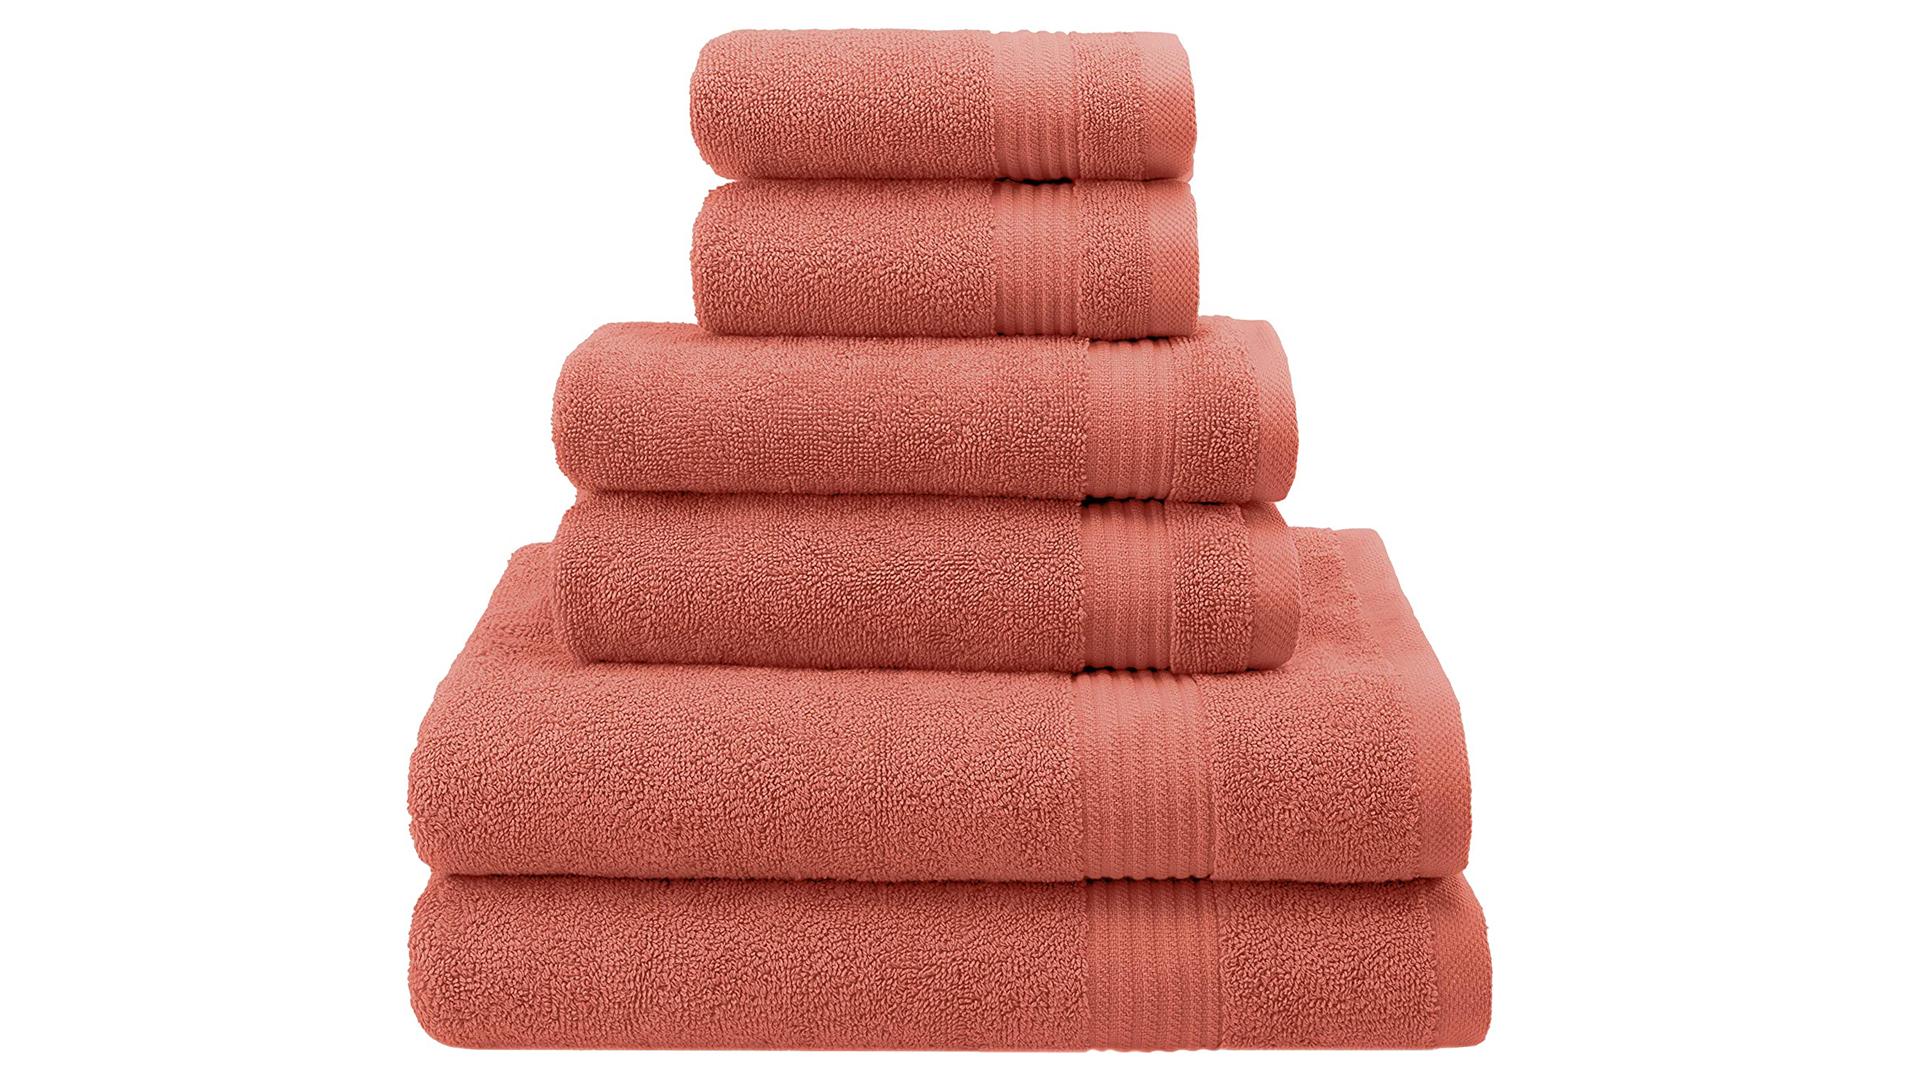 Besar Kebesaran mandi kain handuk Hotel SPA Home Penyerap Organik 100% Kapas Wajah Tangan Mandi Handuk